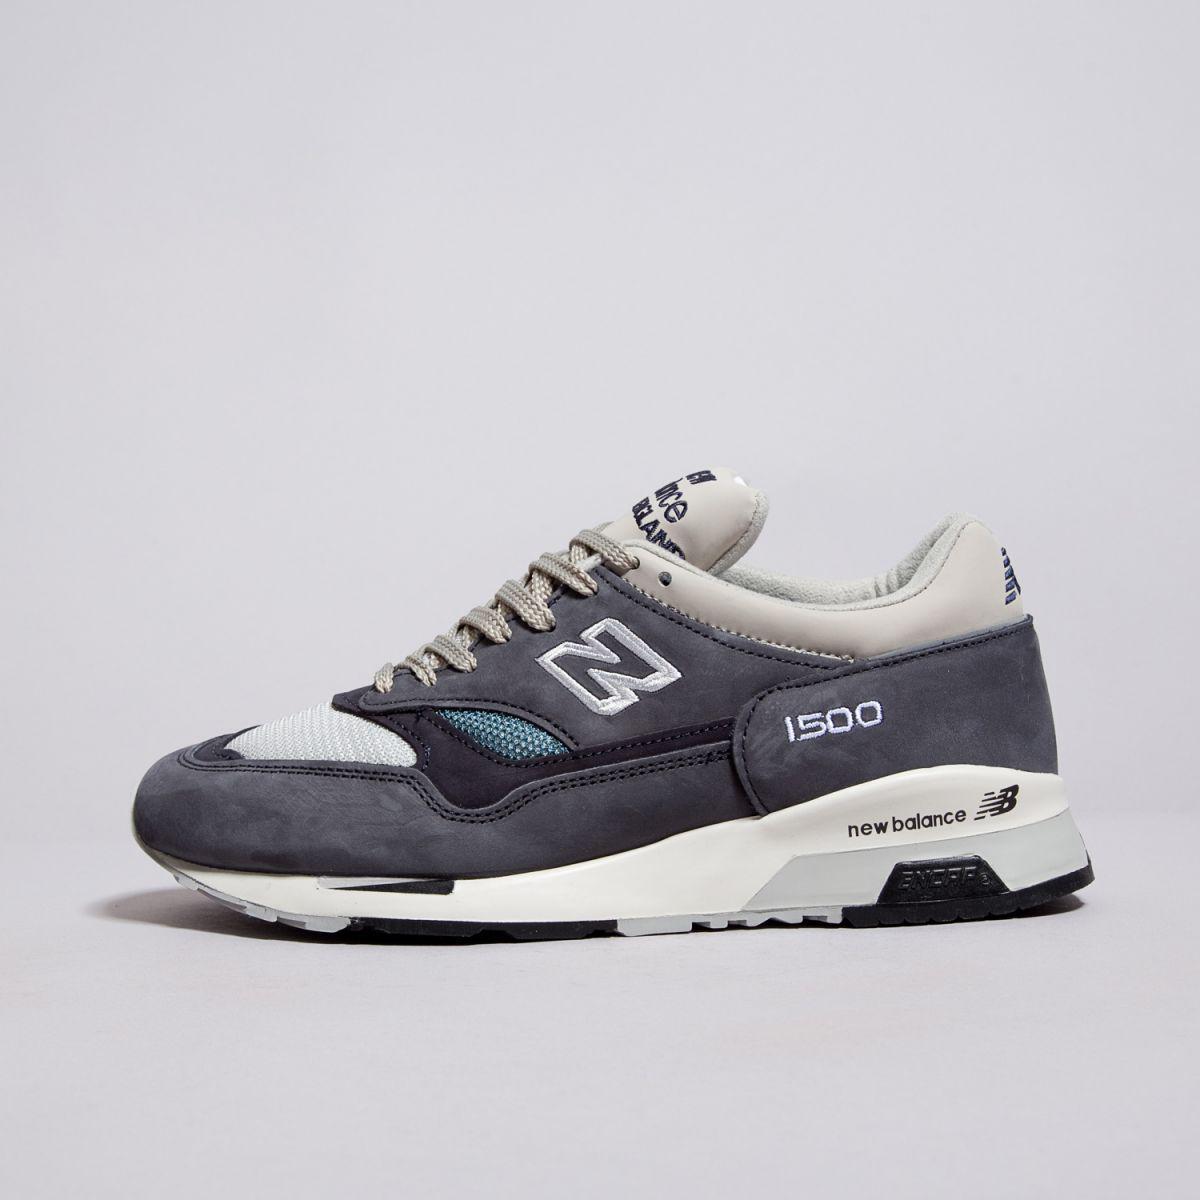 fb3694c1dc610 Оригинальные мужские кроссовки New Balance 1500